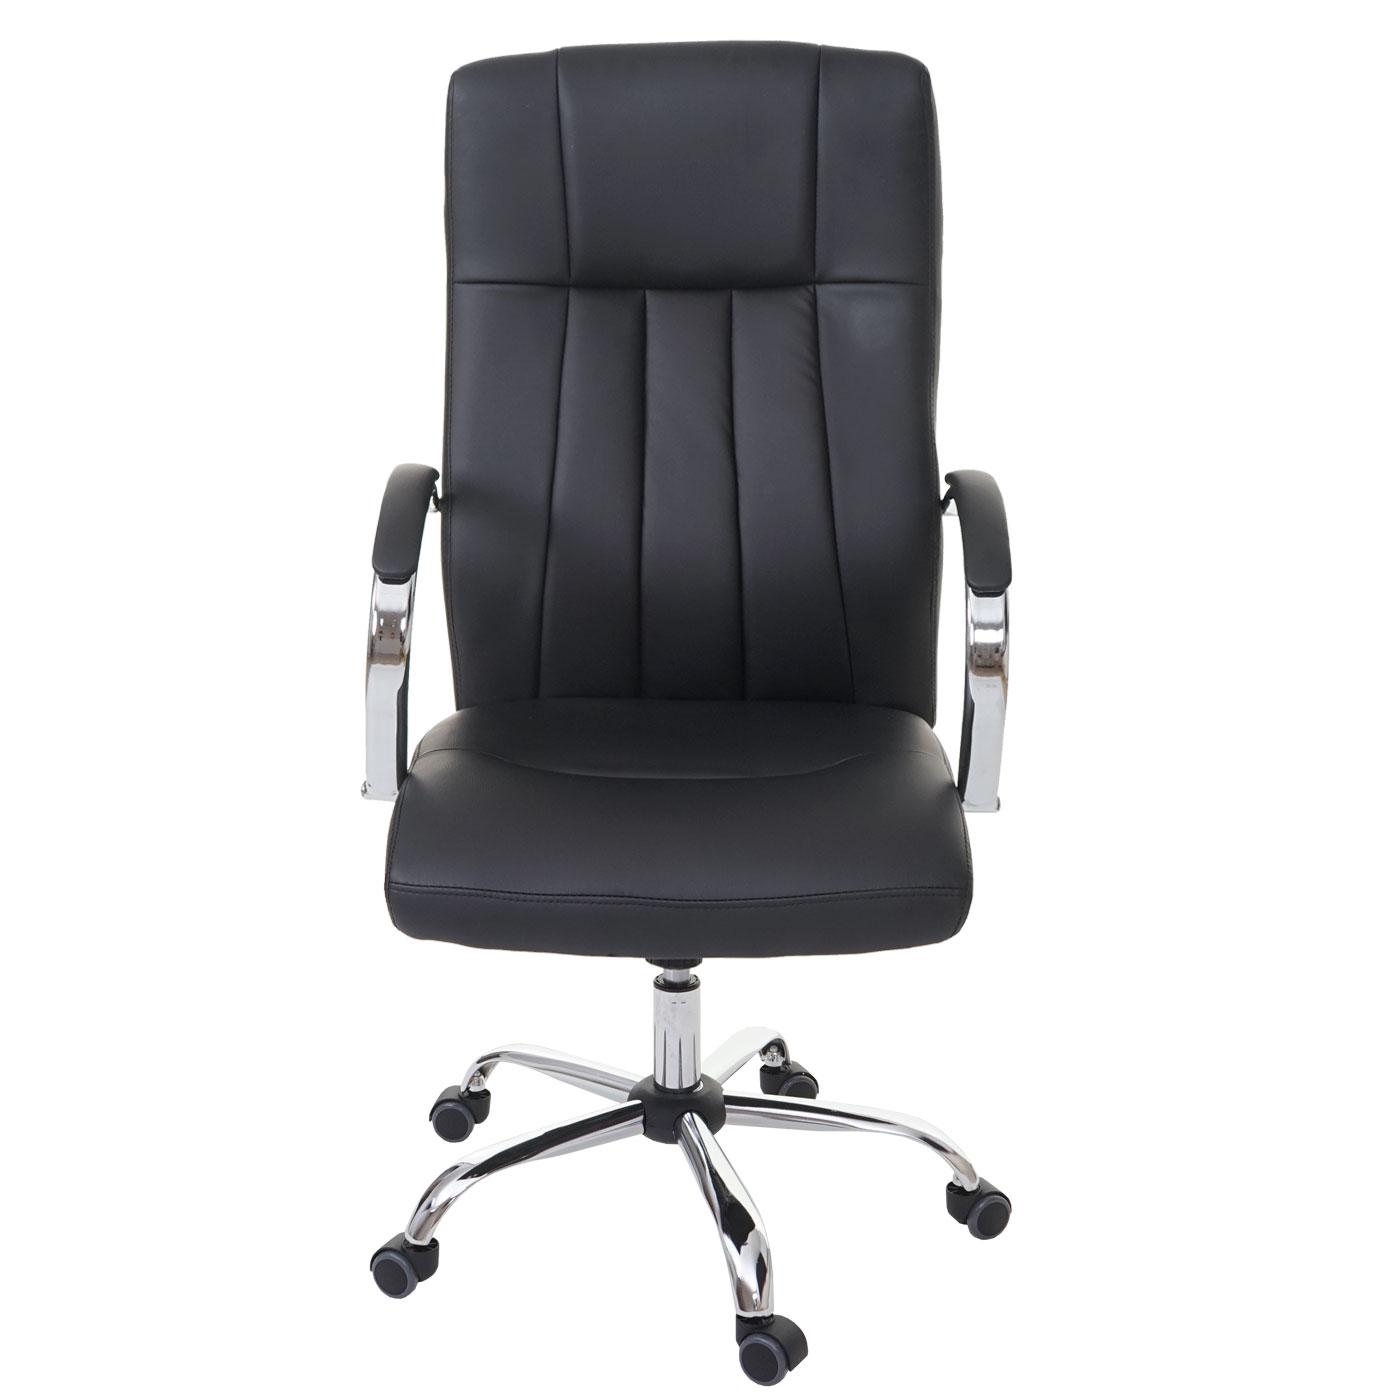 fauteuil de bureau qu bec fauteuil pivotant directorial similicuir noir ebay. Black Bedroom Furniture Sets. Home Design Ideas